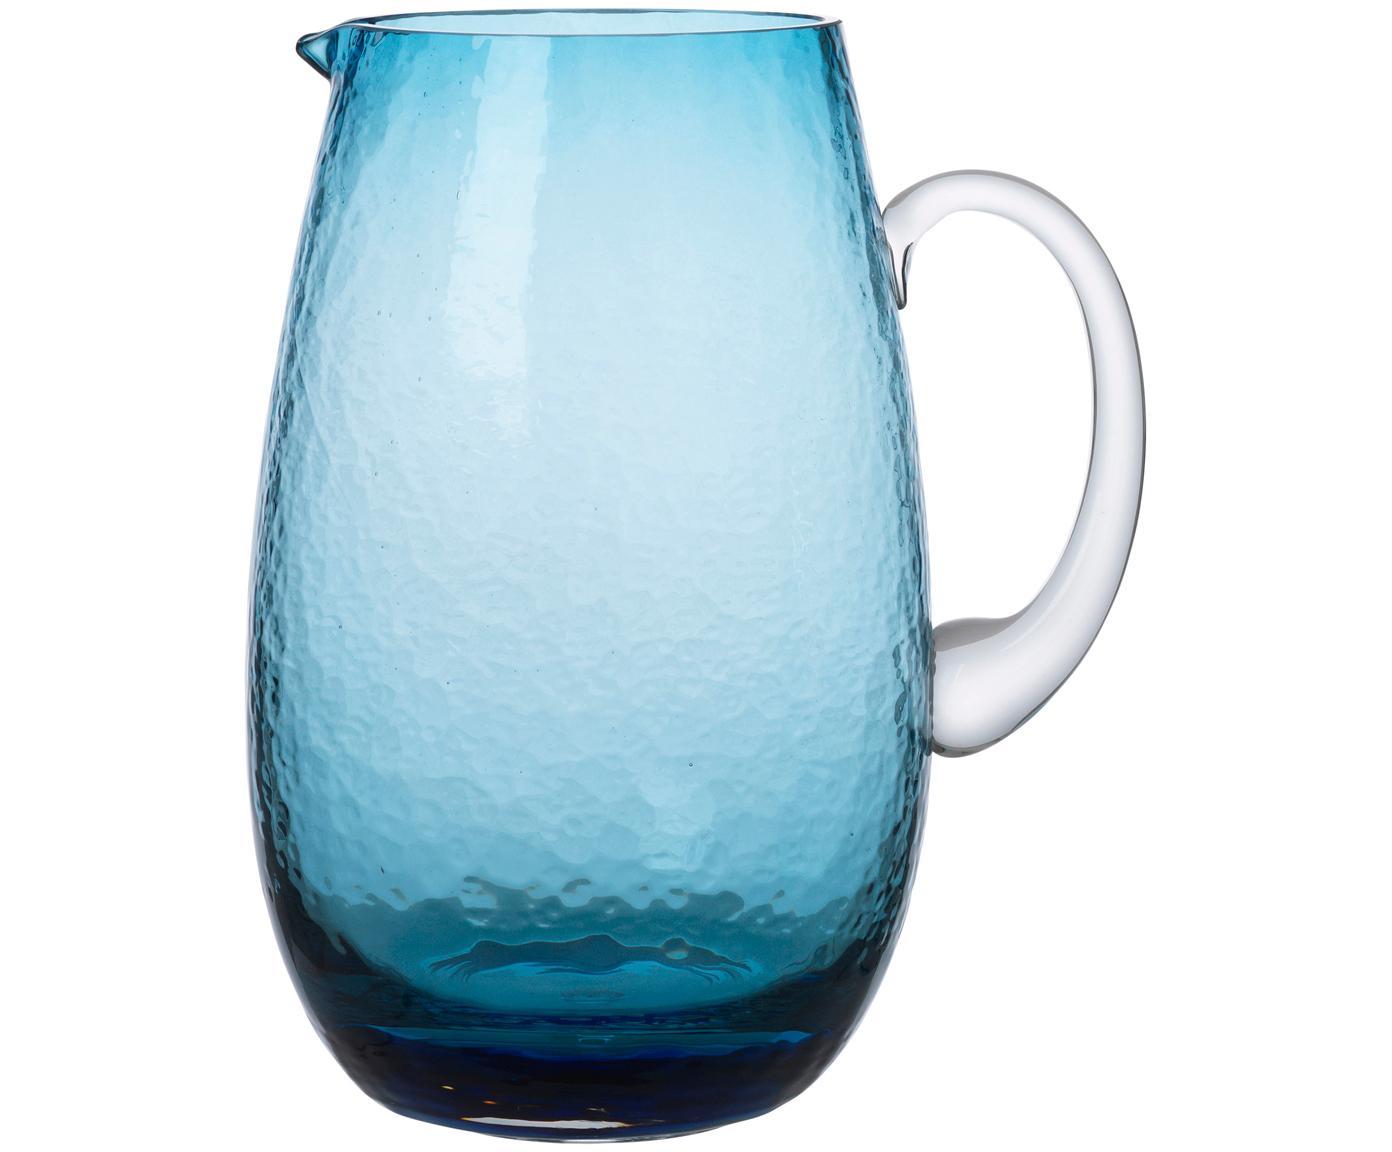 Dzbanek ze szkła dmuchanego Hammered, Szkło dmuchane, Niebieski, transparentny, 2 l